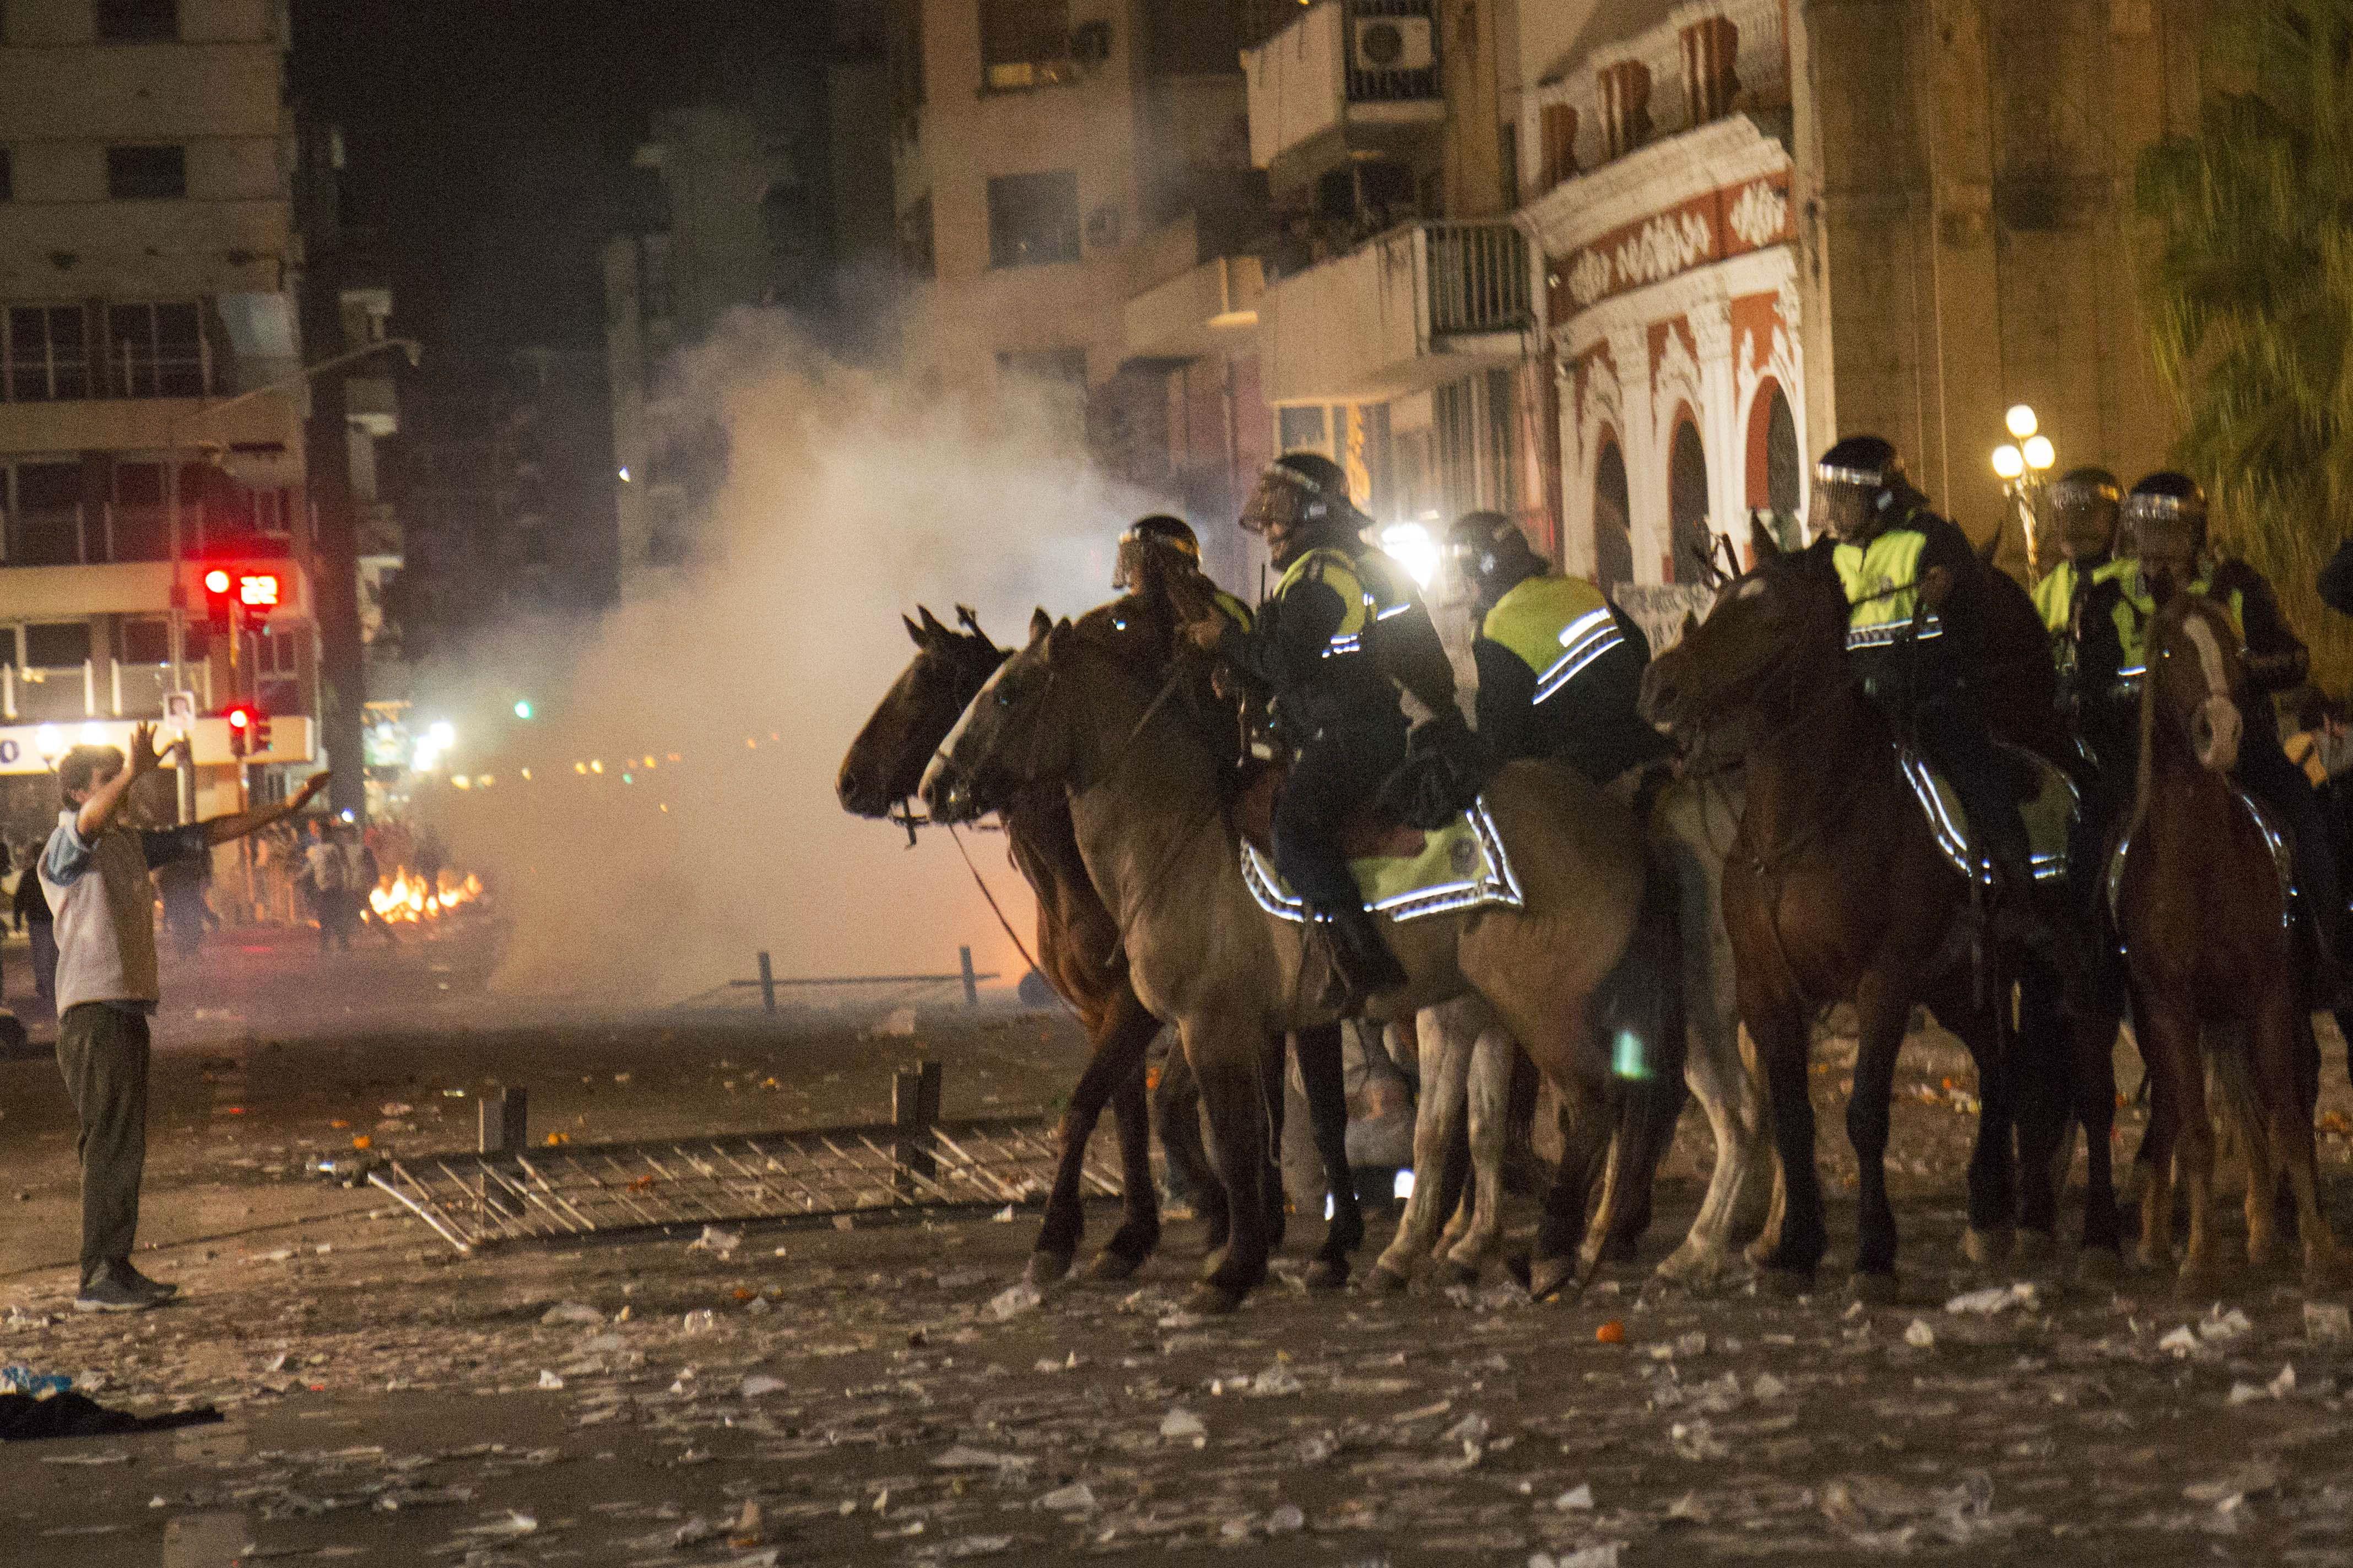 Ardió Tucumán. La represión fue injustificada y generó reproches desde todos los sectores políticos.